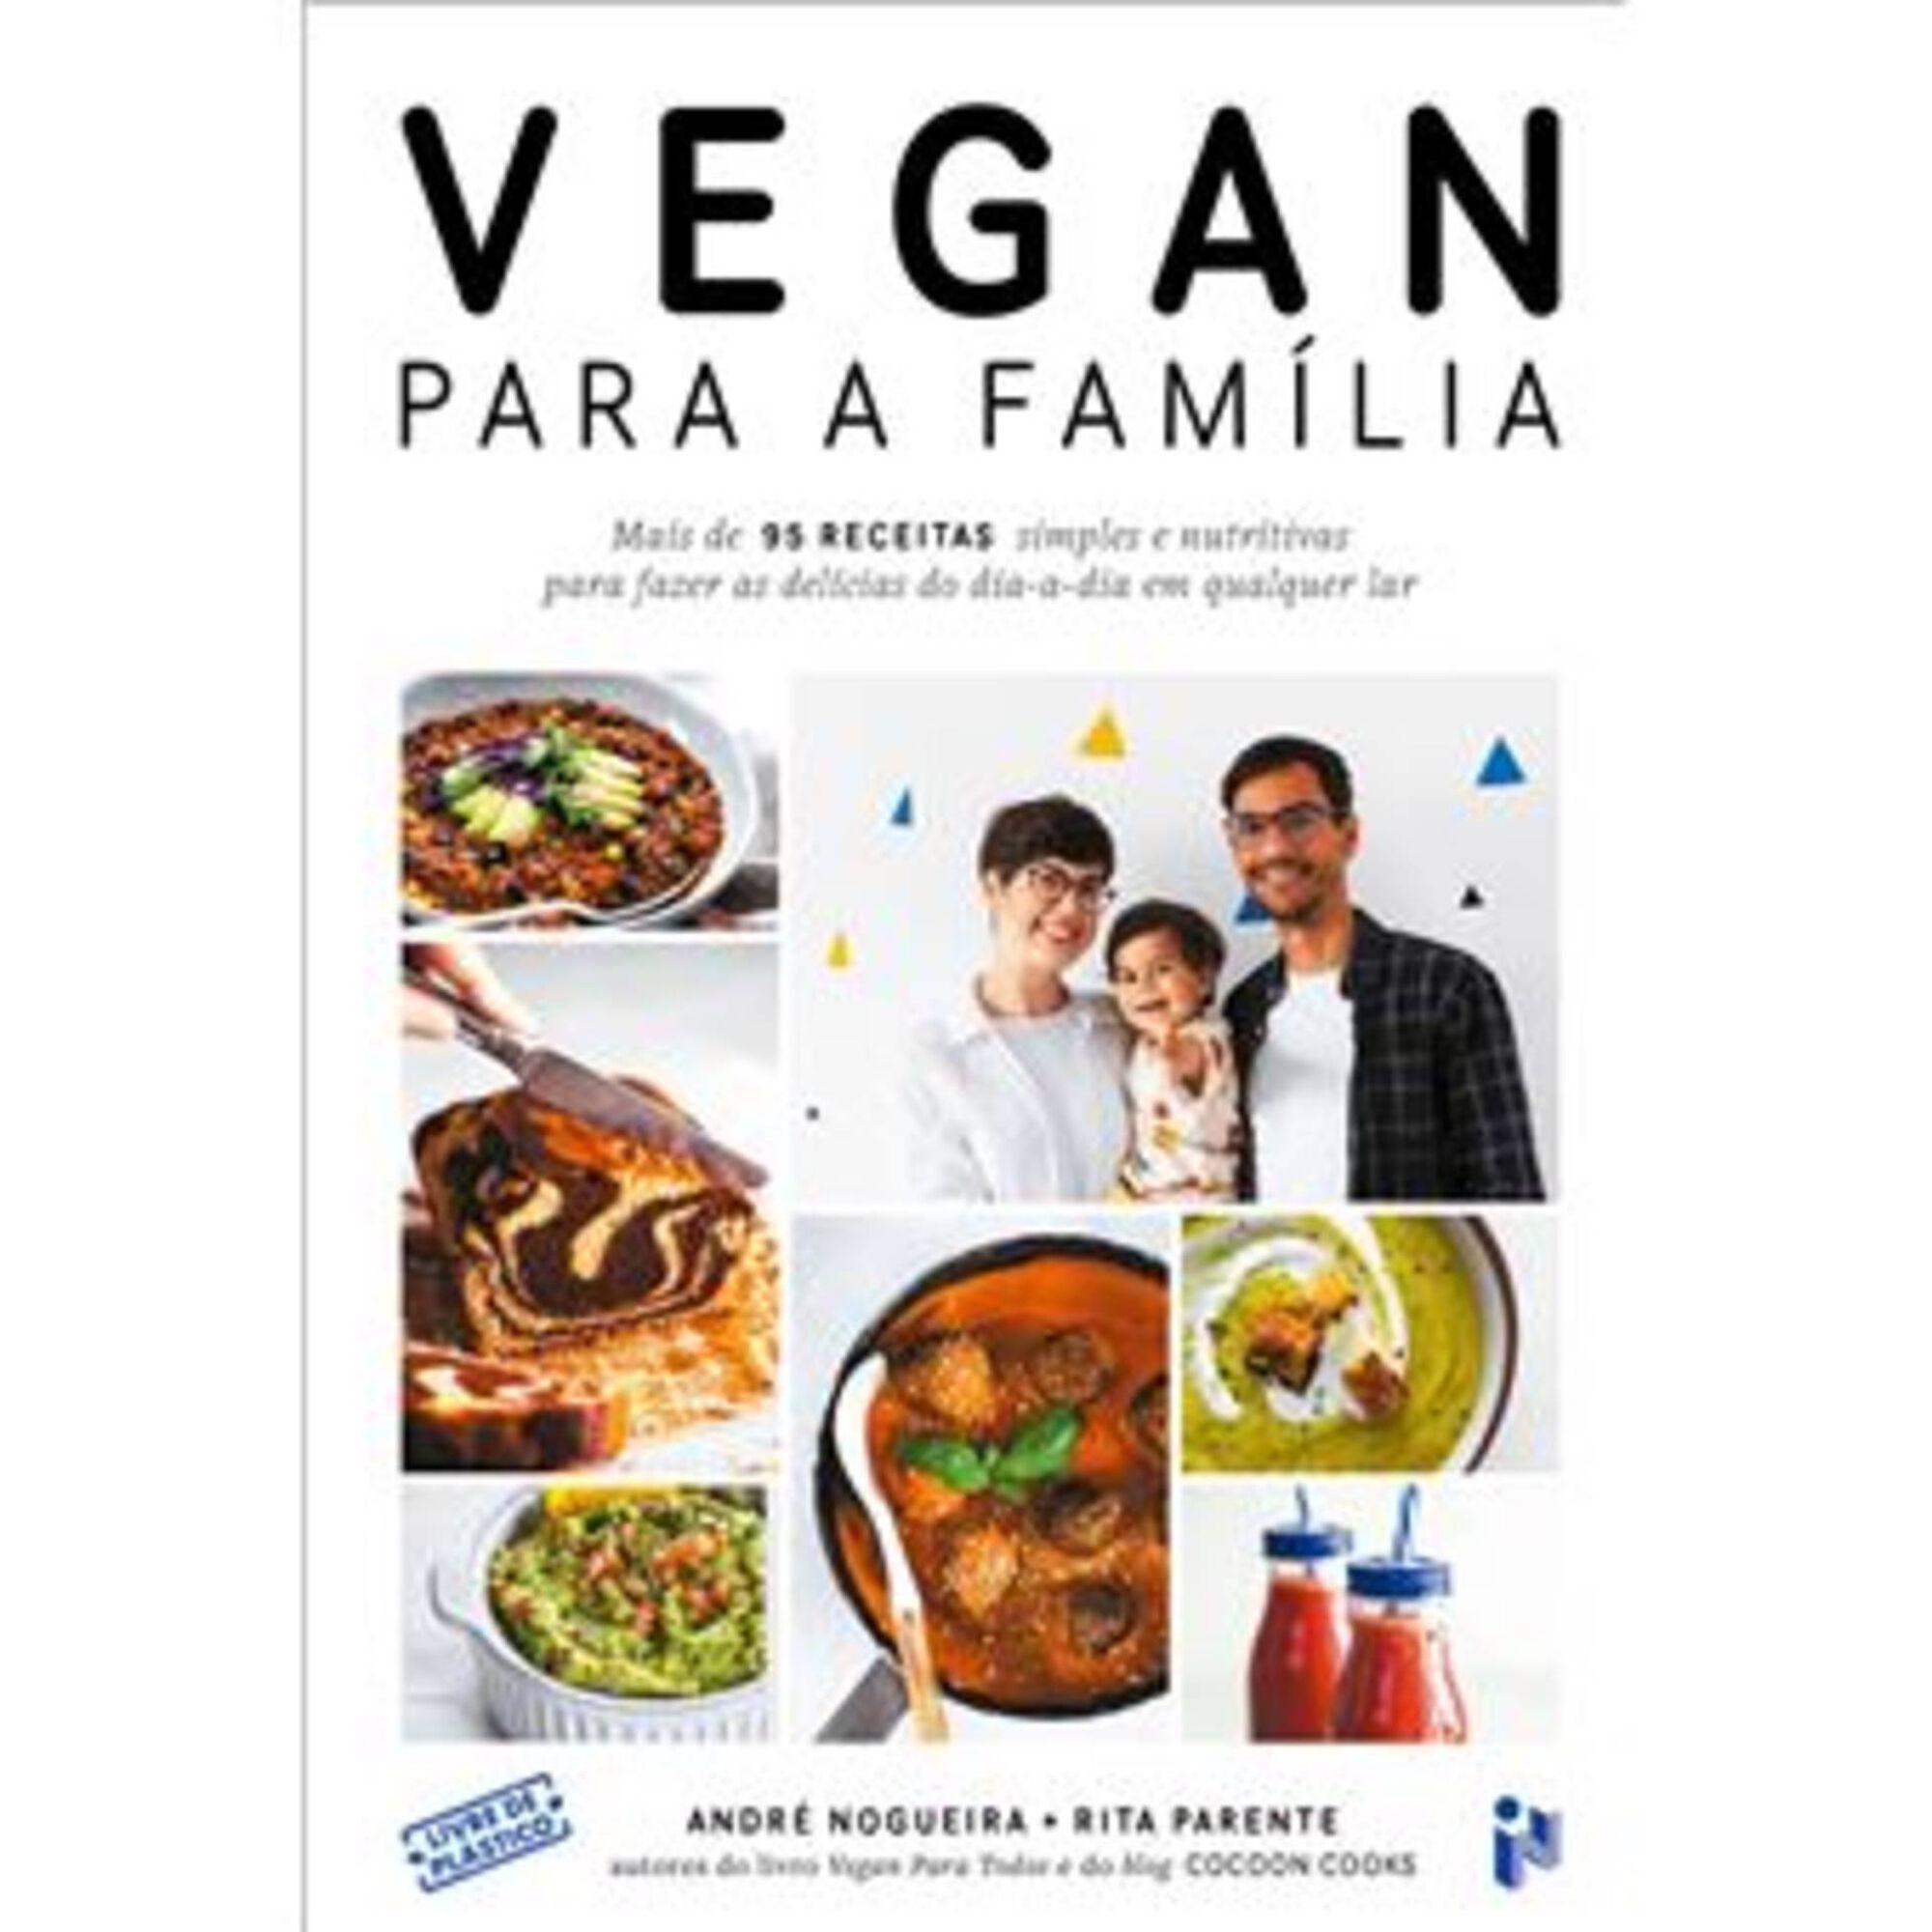 Vegan Para a Família